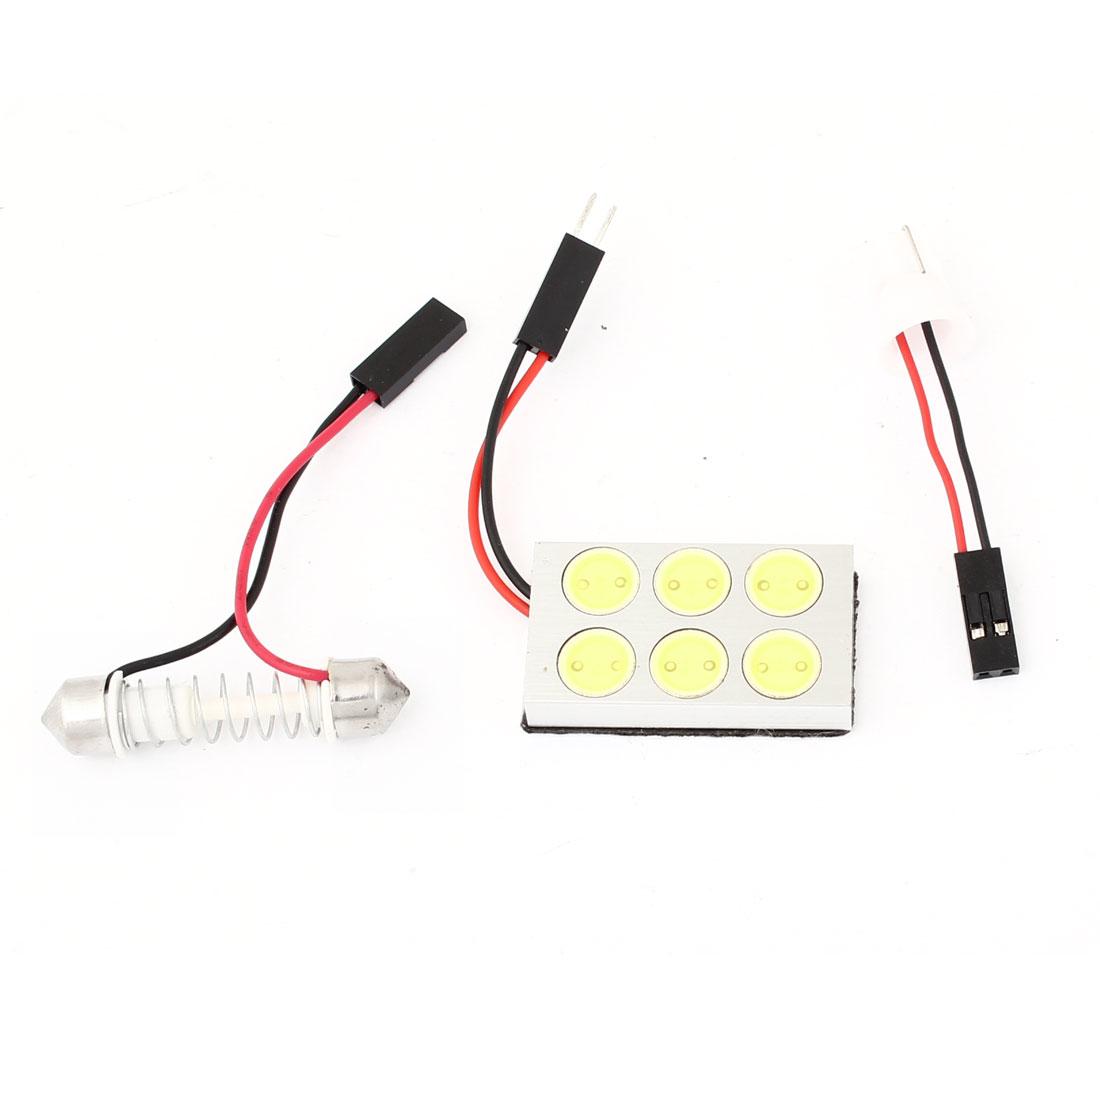 High Power White 6 LED Bulb Dome Light + T10 Festoon Adapter for Car